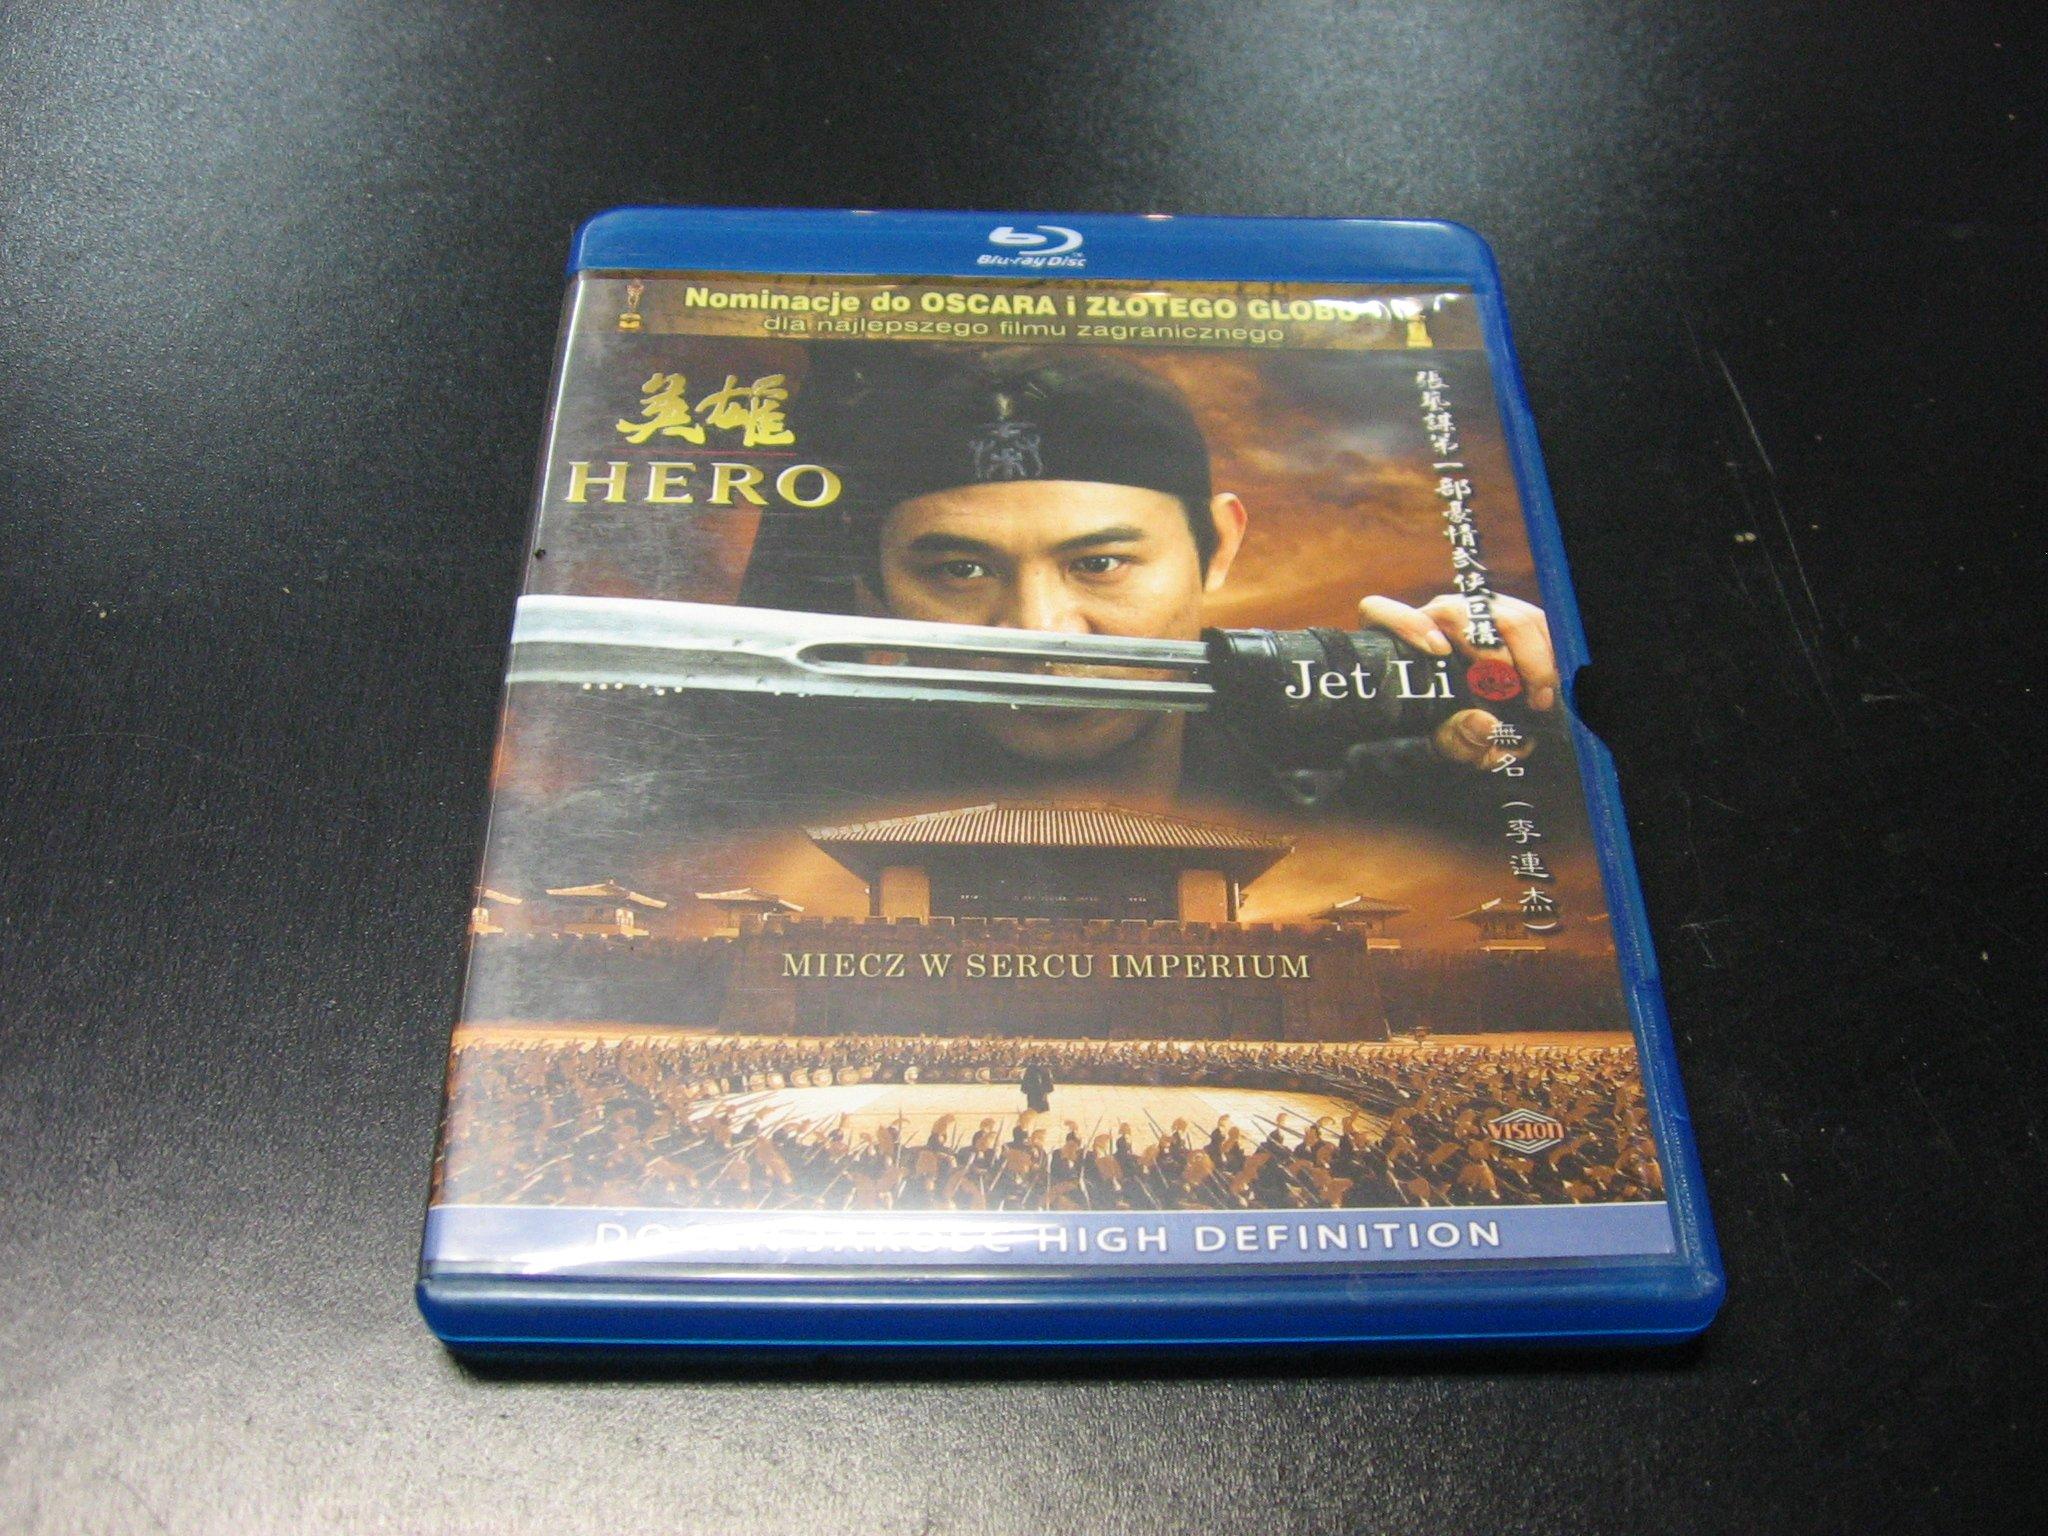 HERO 003 Blu-rey - Opole